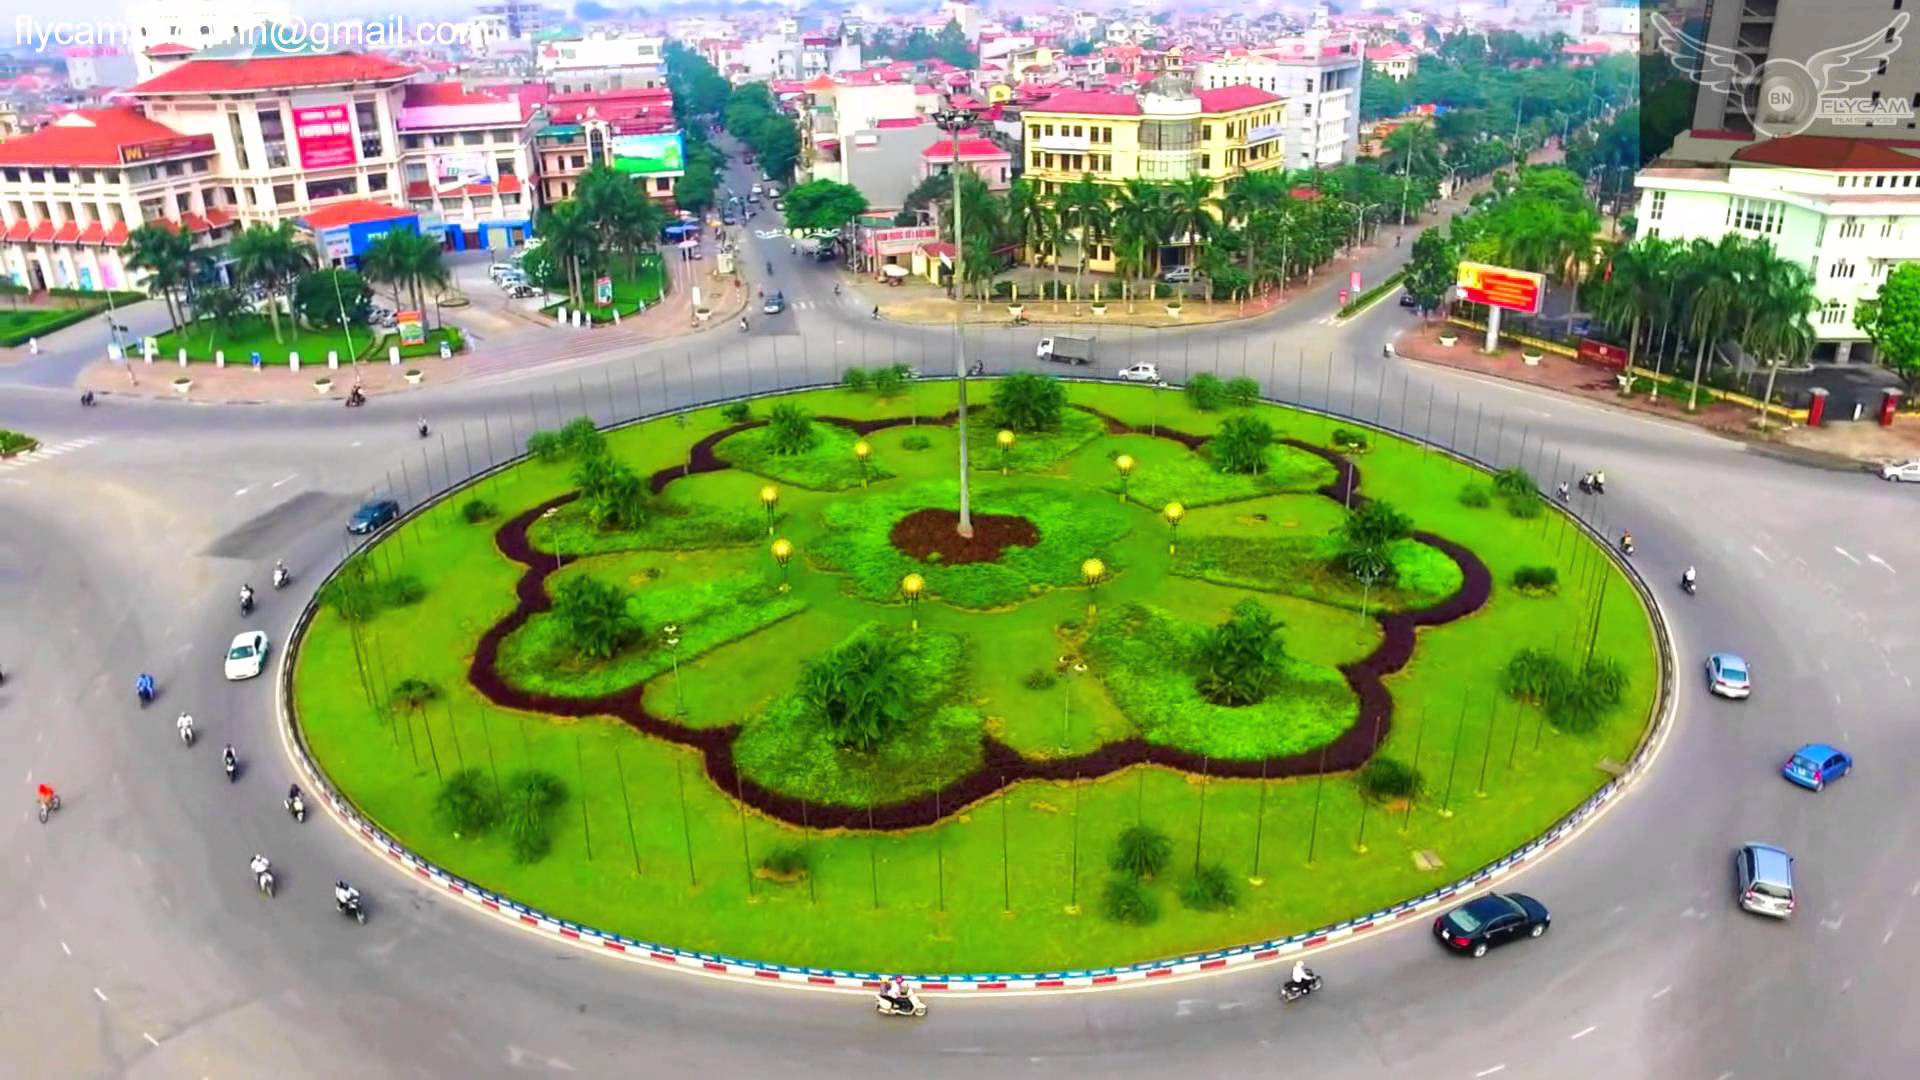 Bắc Ninh: Sắp lên thành phố trực thuộc TƯ và có thêm 1 thành phố, giá đất tăng phi mã - Ảnh 1.